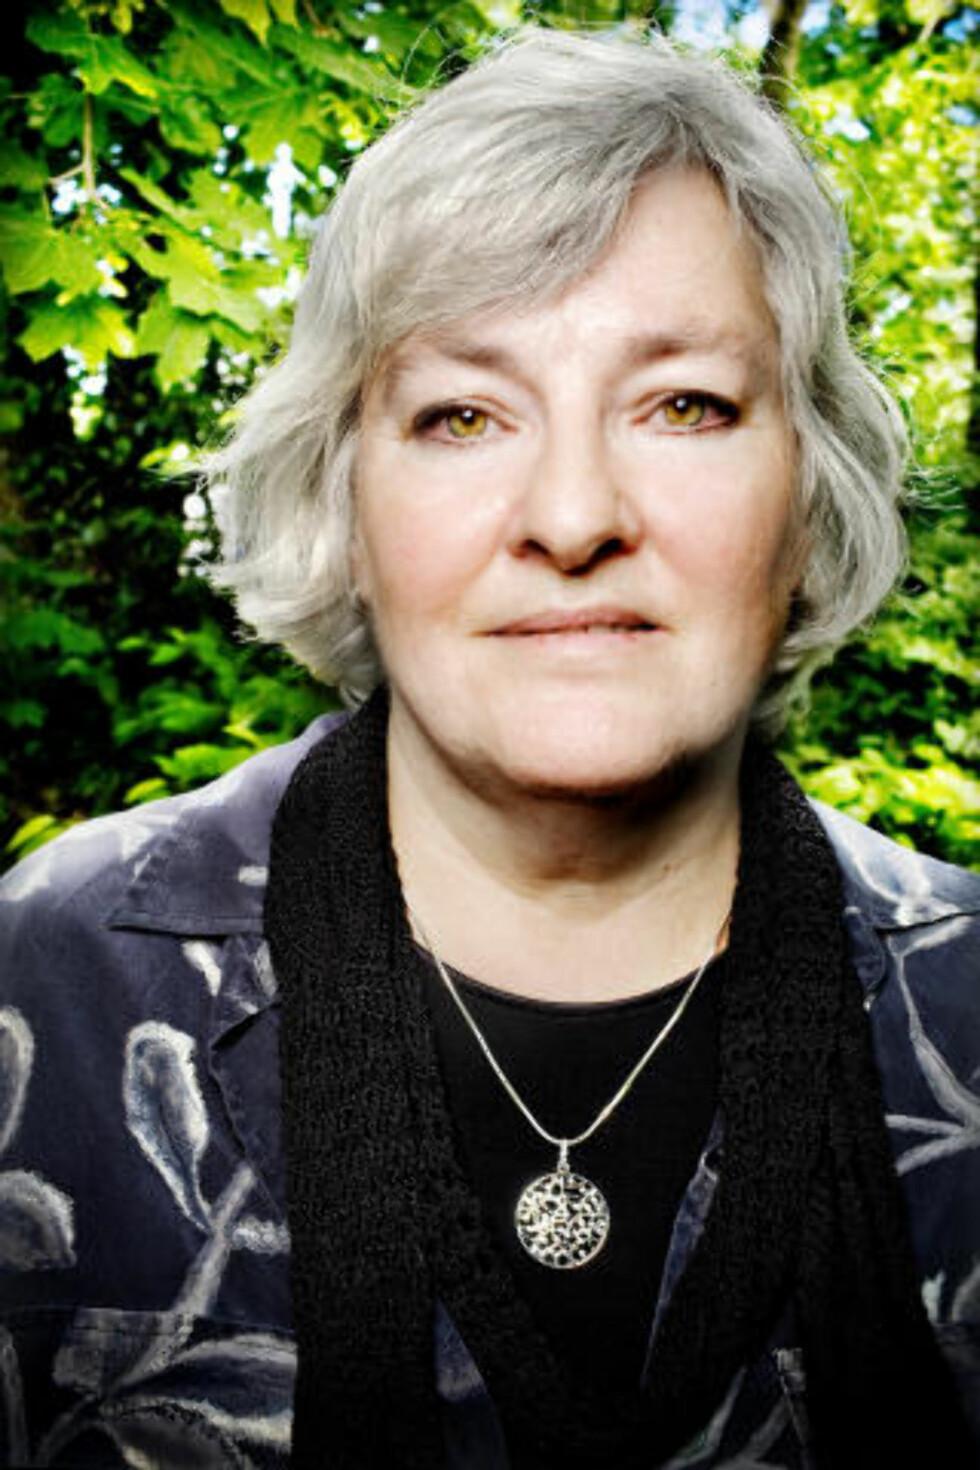 KONTROVERSIELL: Les Nina Karin Monsens egen forklaring på hvorfor hun er mostander av felles ekteskapslov her, i forordet til boka «Kampen om ekteskapet og barnet» (pdf).